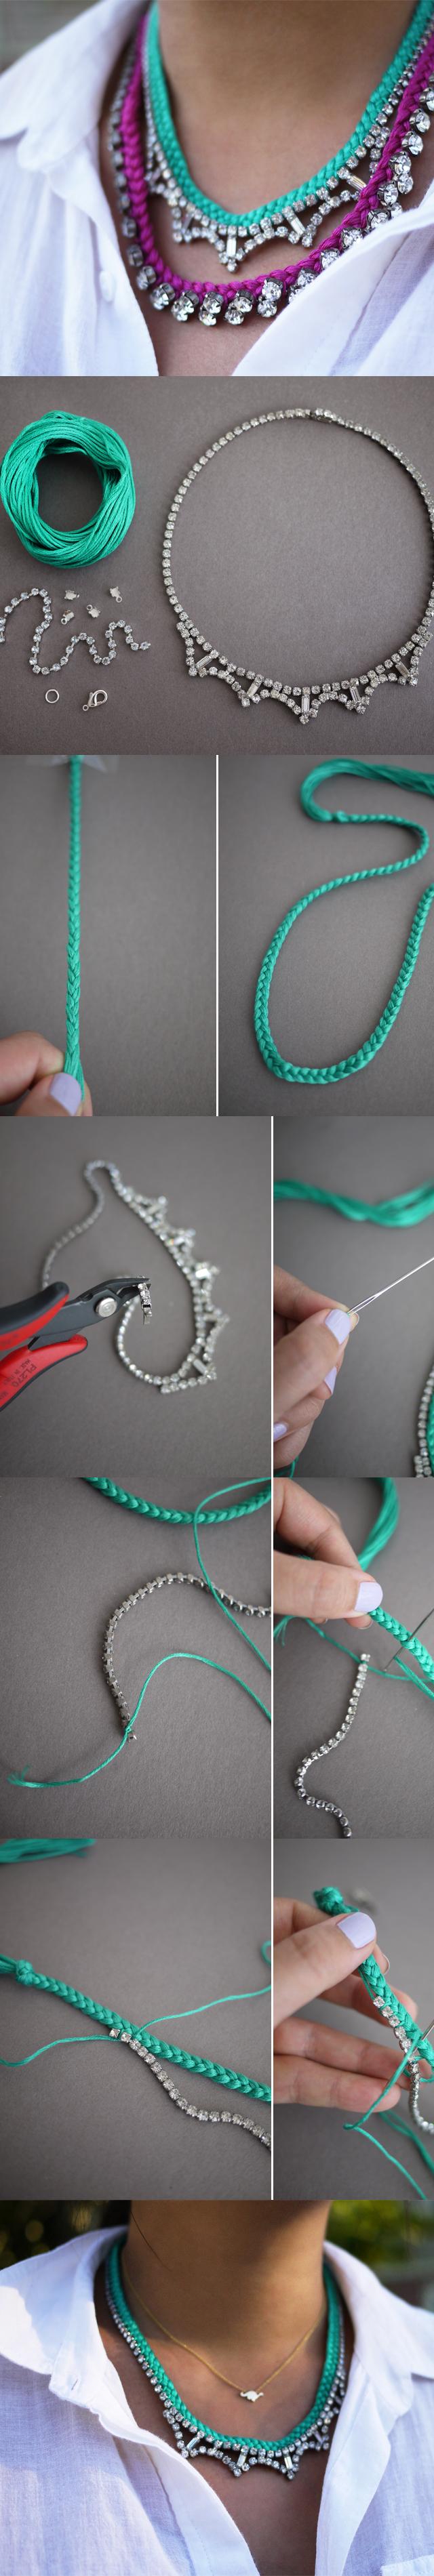 DIY-Braided-Rhinestone-Necklace